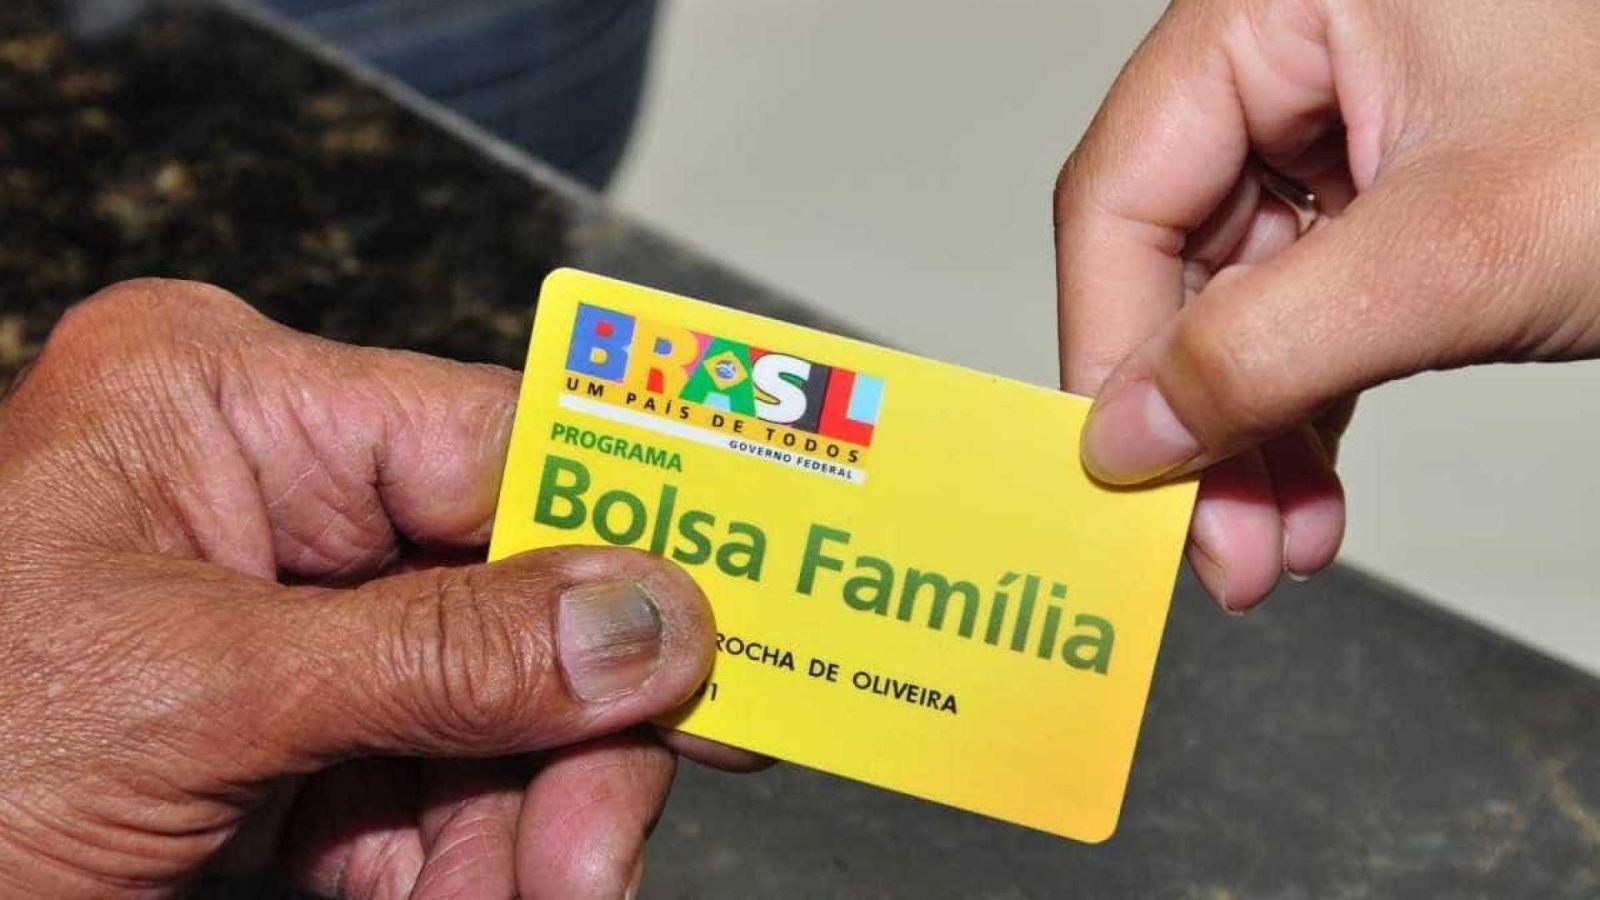 Casal tenta pagar motel com Bolsa Família e vira caso de polícia